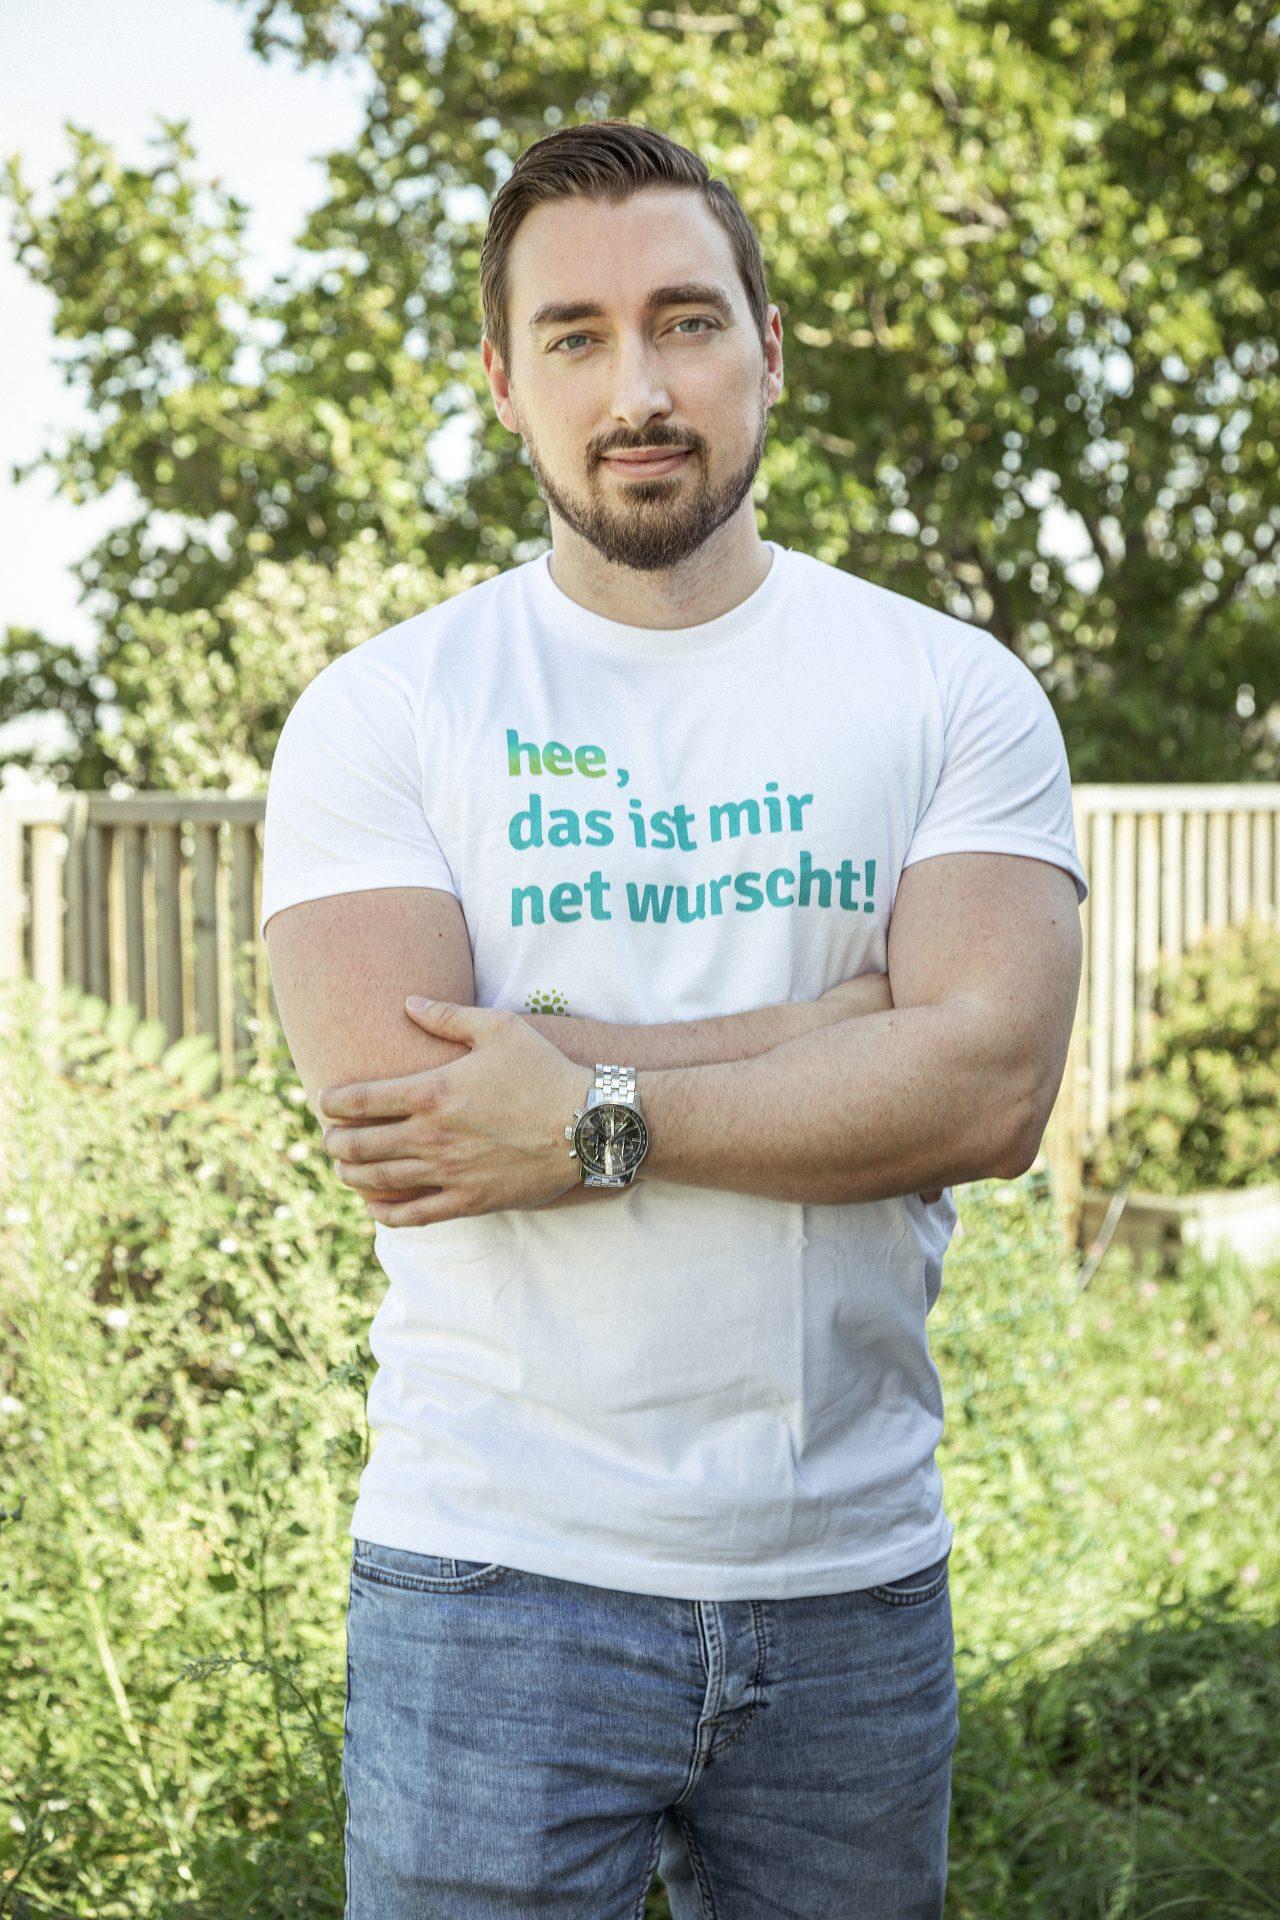 Stefan Humenberger